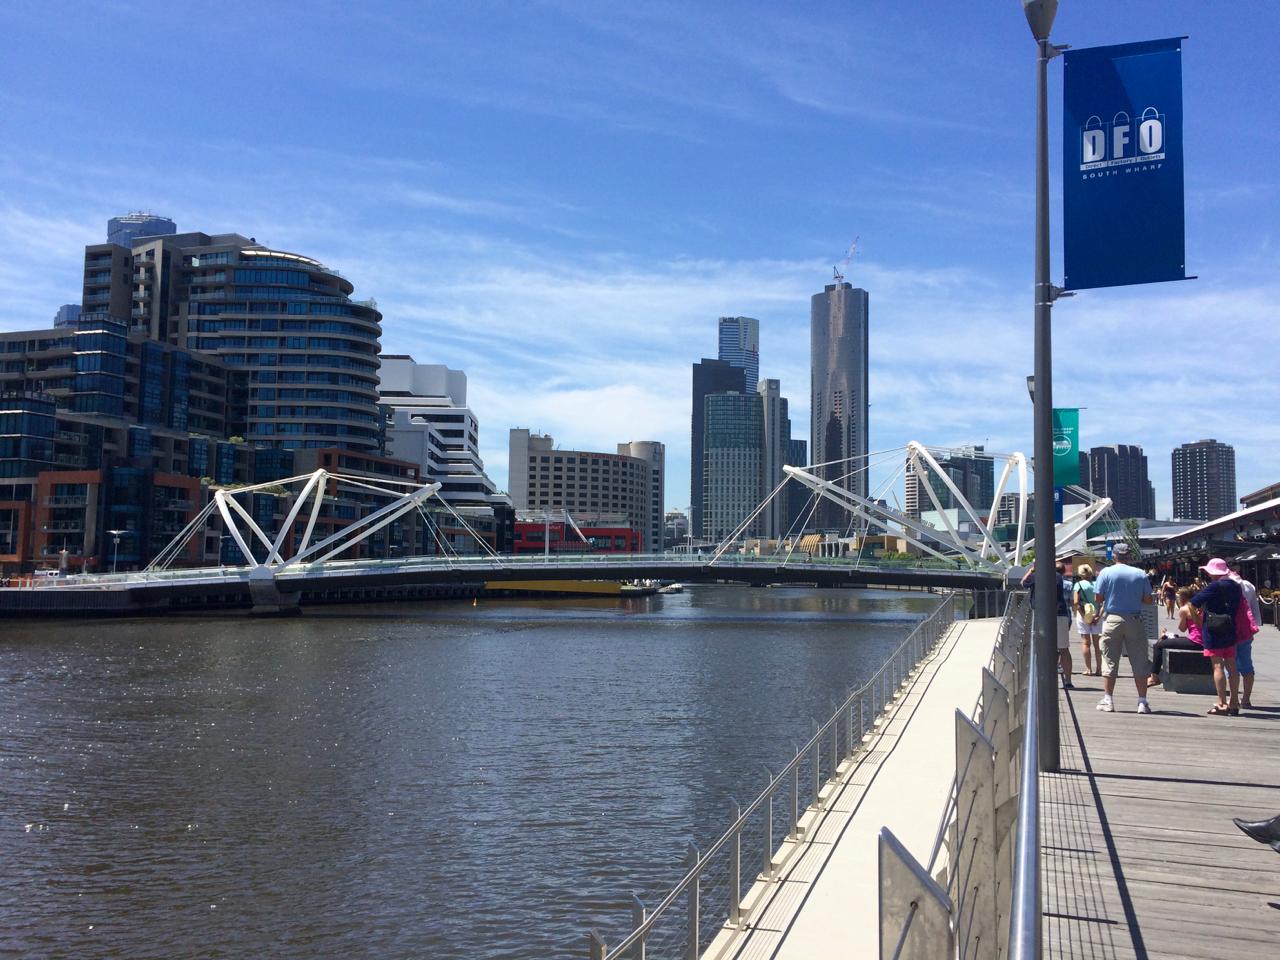 South Wharf Melbourne, Australia